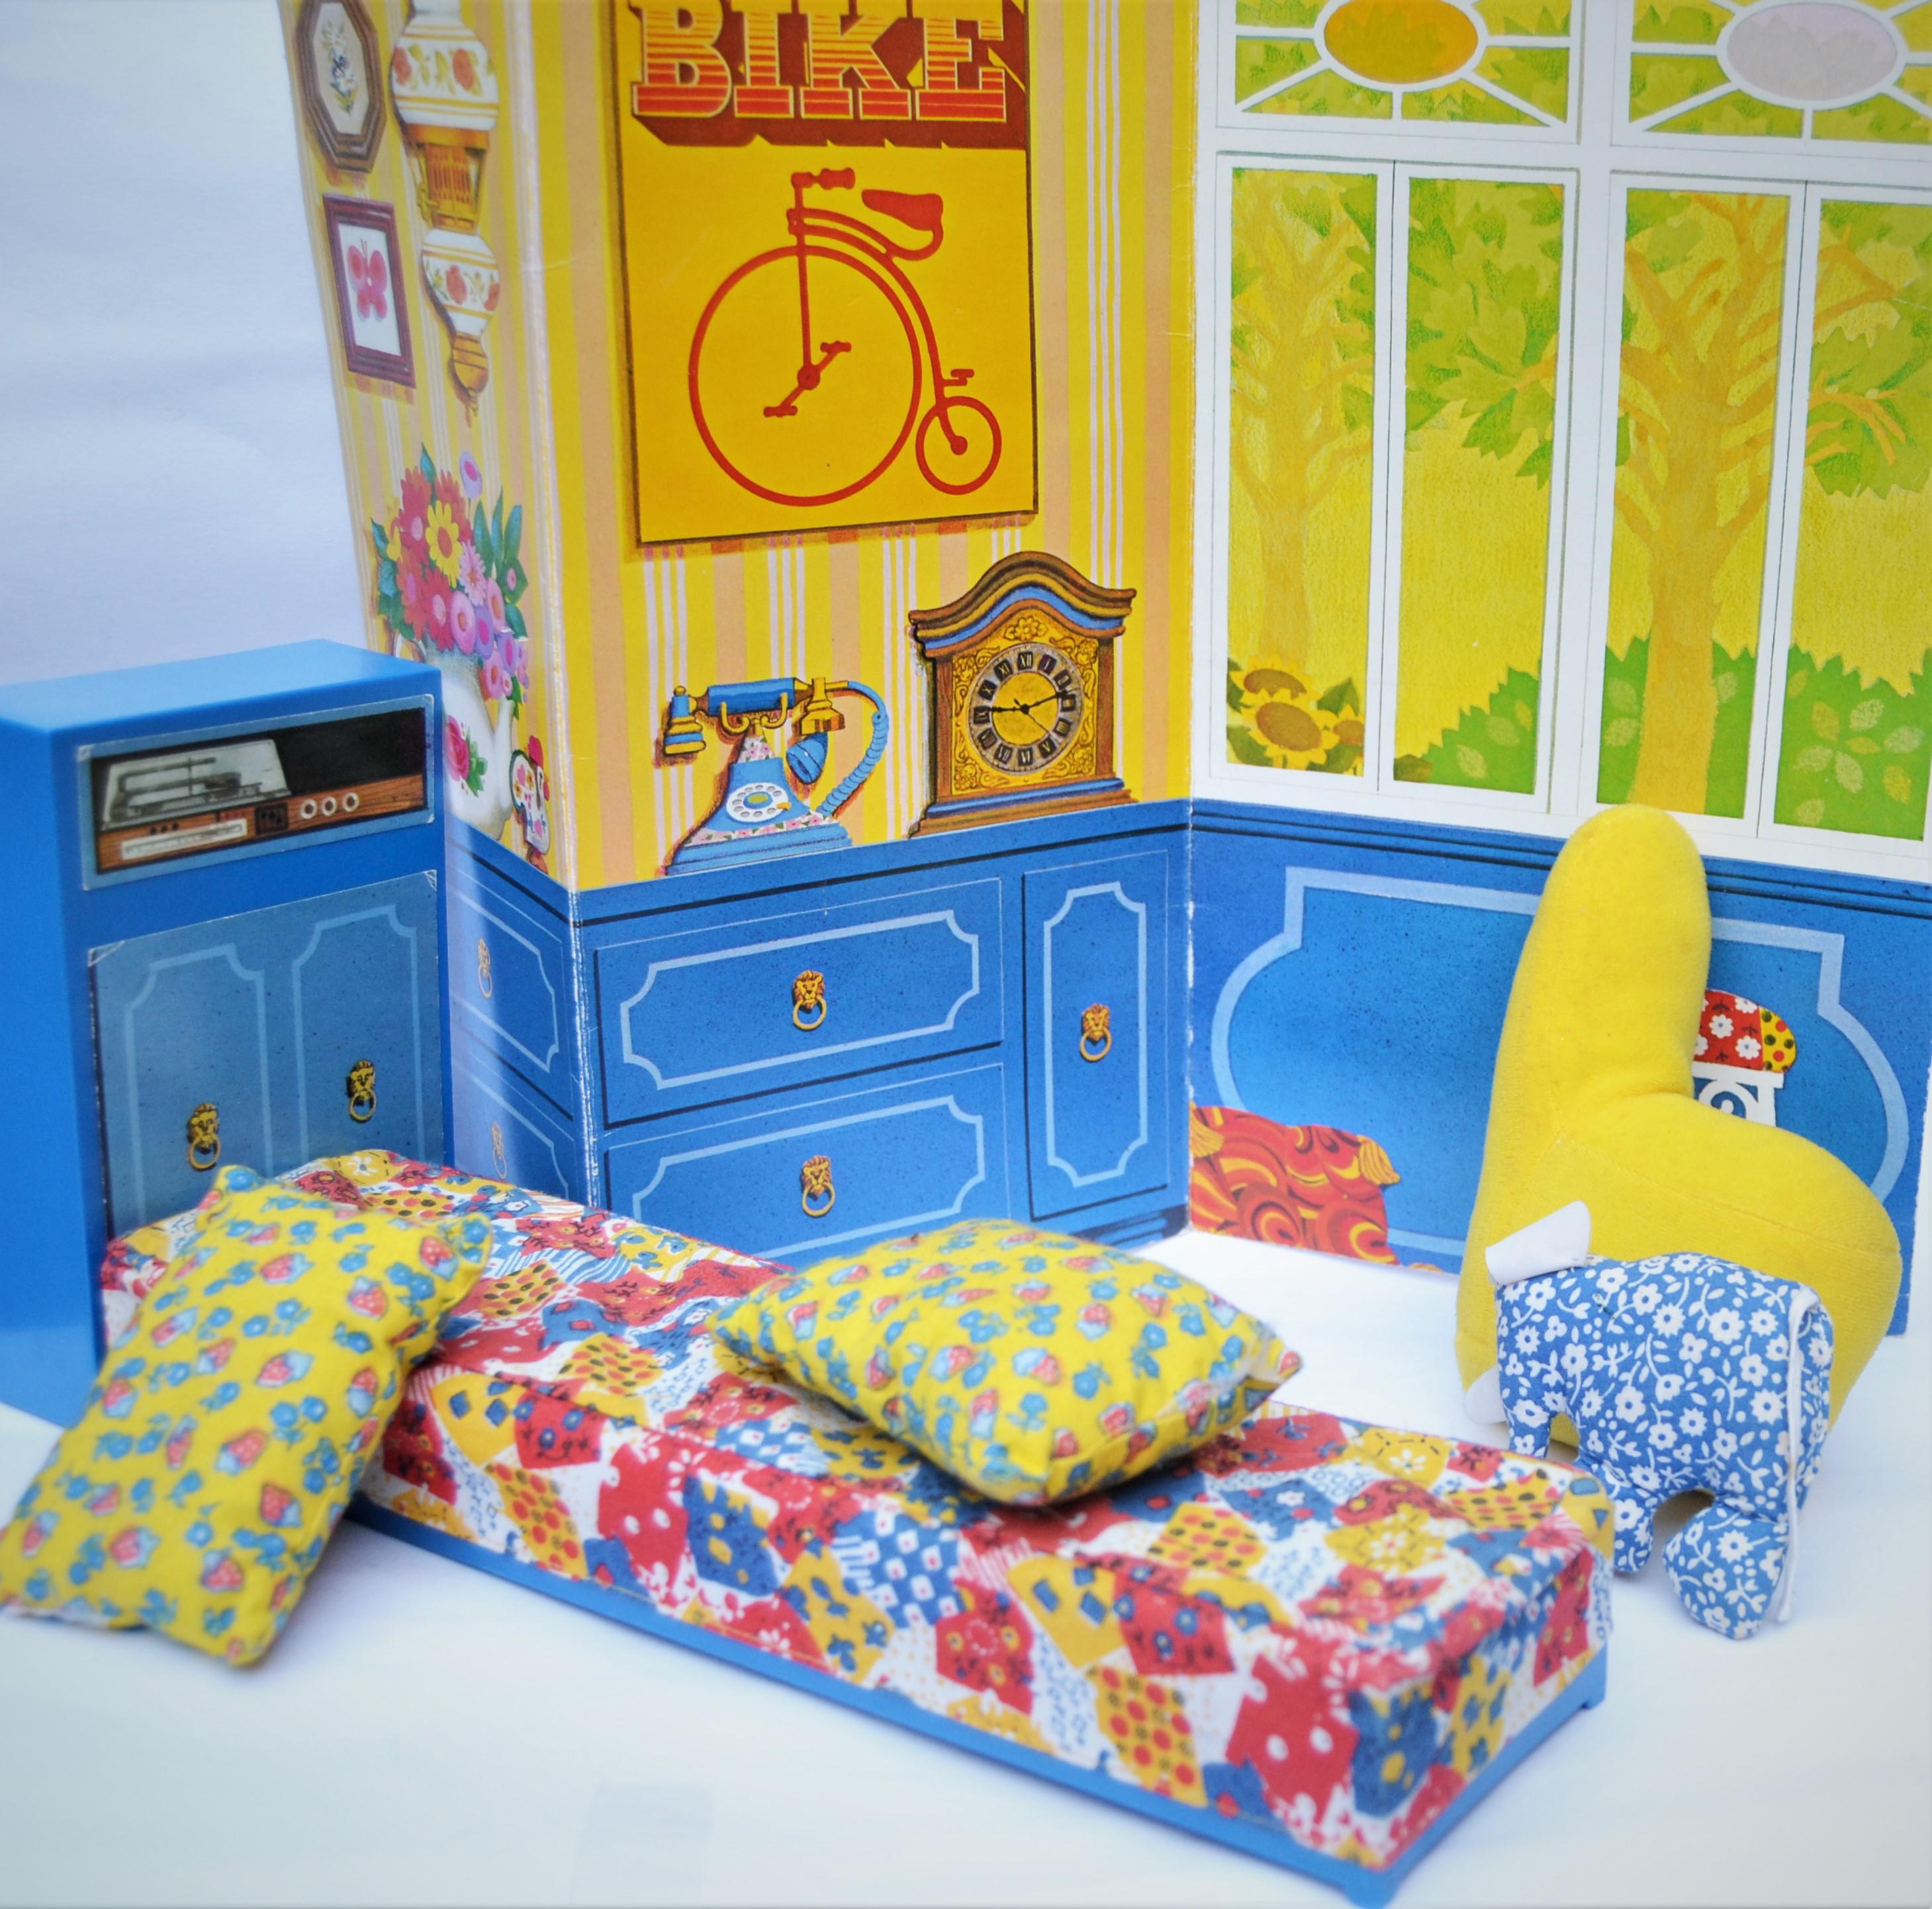 Wondrous Barbie Structure Animals Fashiondollshop Download Free Architecture Designs Rallybritishbridgeorg